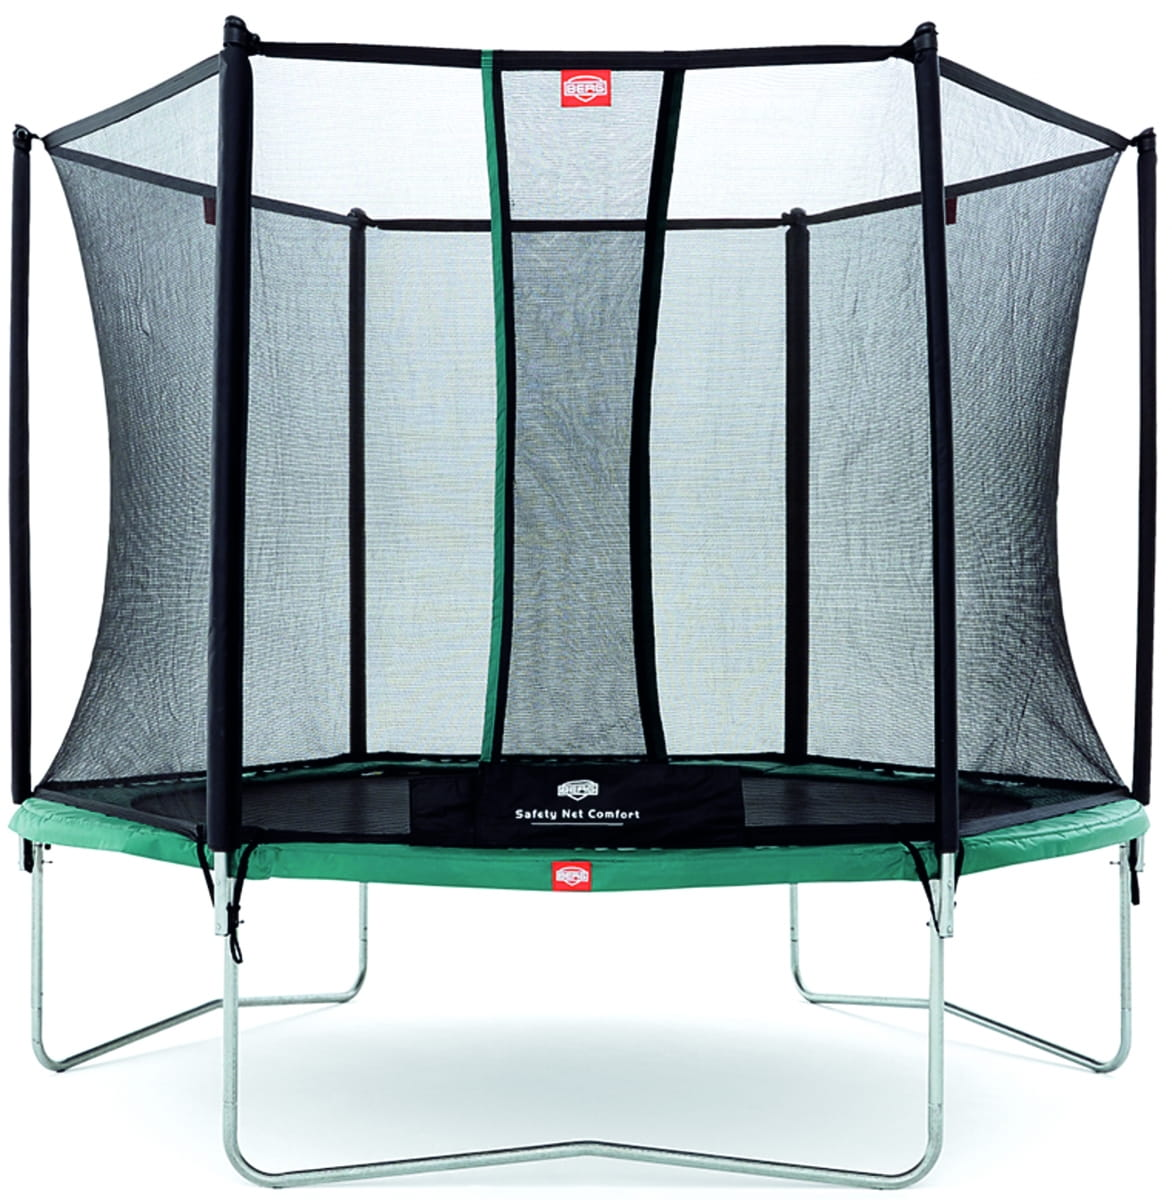 Батут BERG Talent с защитной сеткой Safety Net Comfort - 300 см